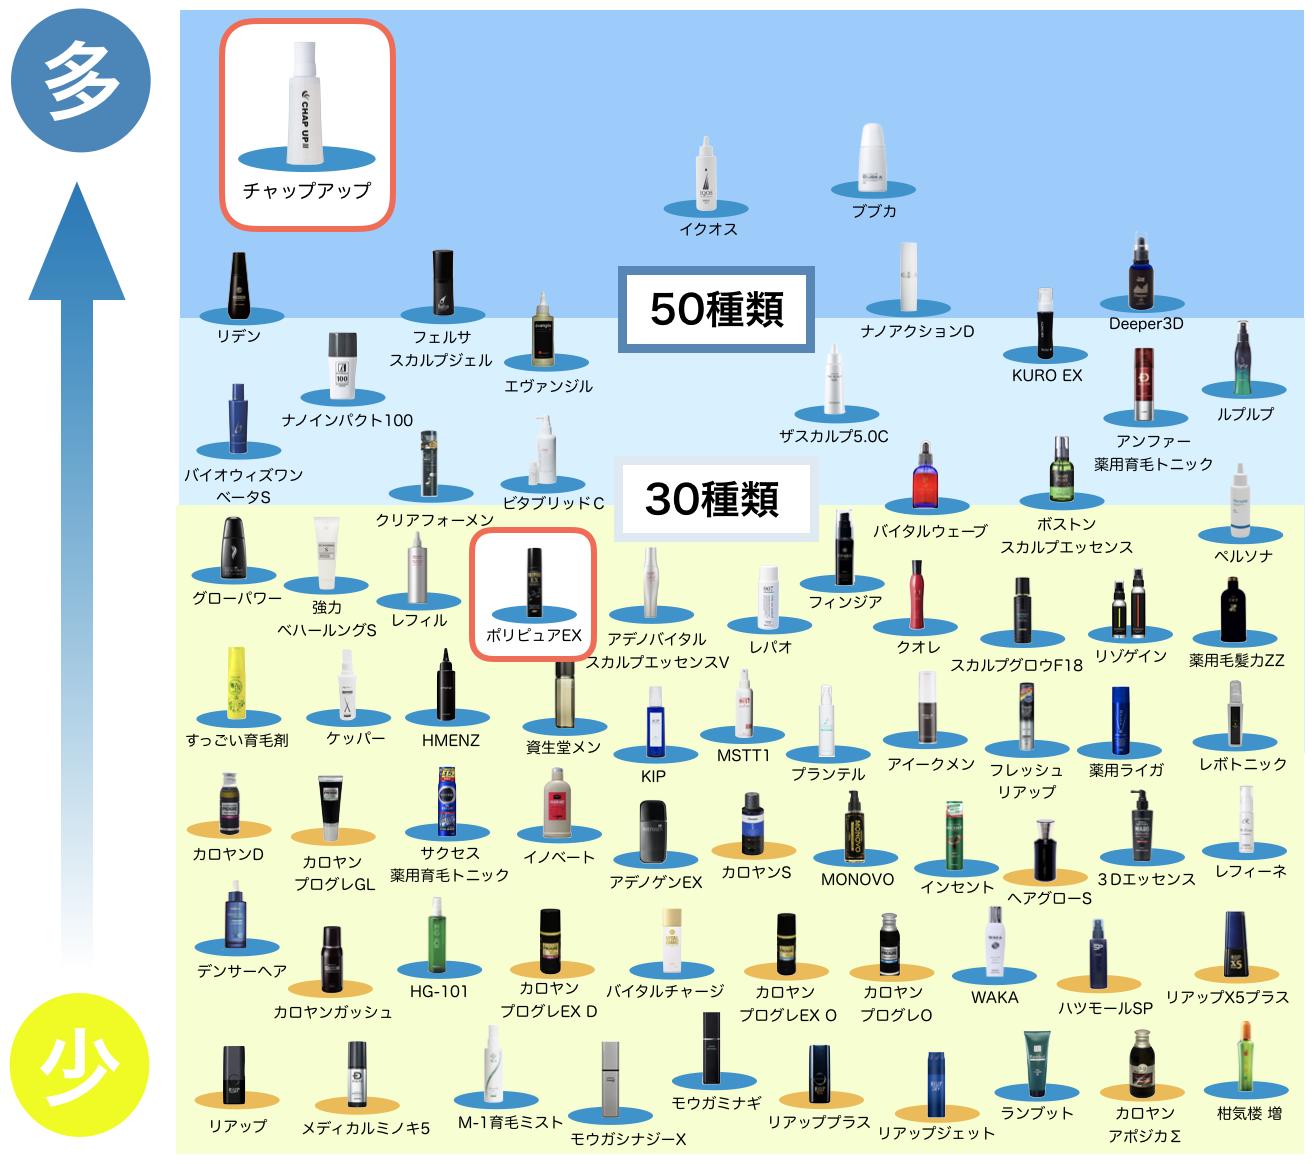 ポリピュアEXを全70種類以上の育毛剤で比較